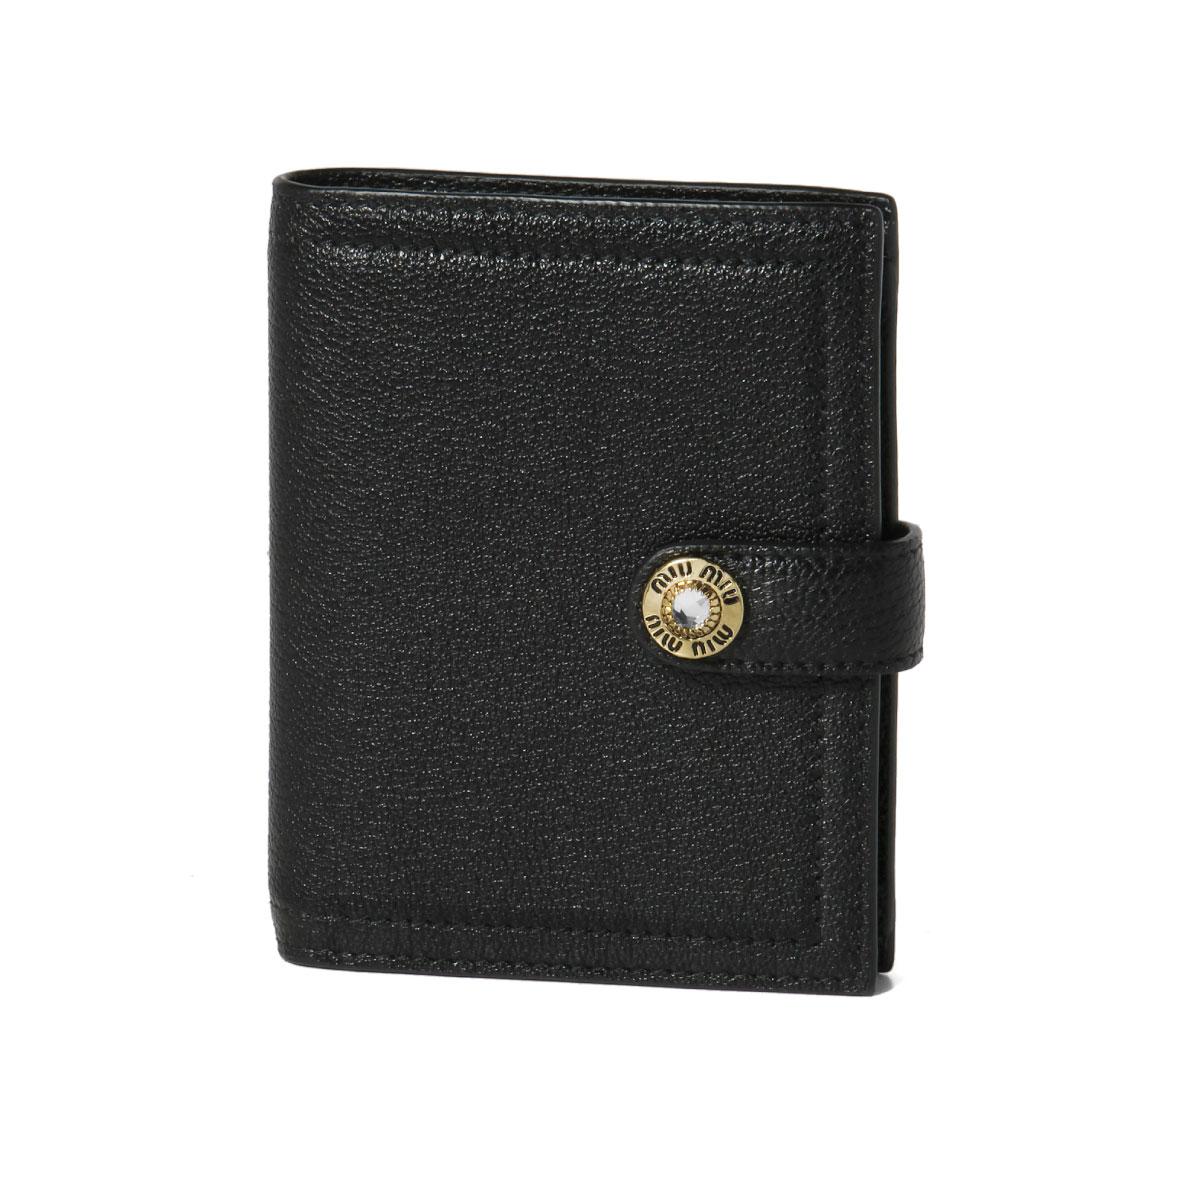 ミュウ ミュウ MIU MIU 財布 レディース 5MV016 2BWA F0002 二つ折り財布 MADRAS JEWELS NERO ブラック